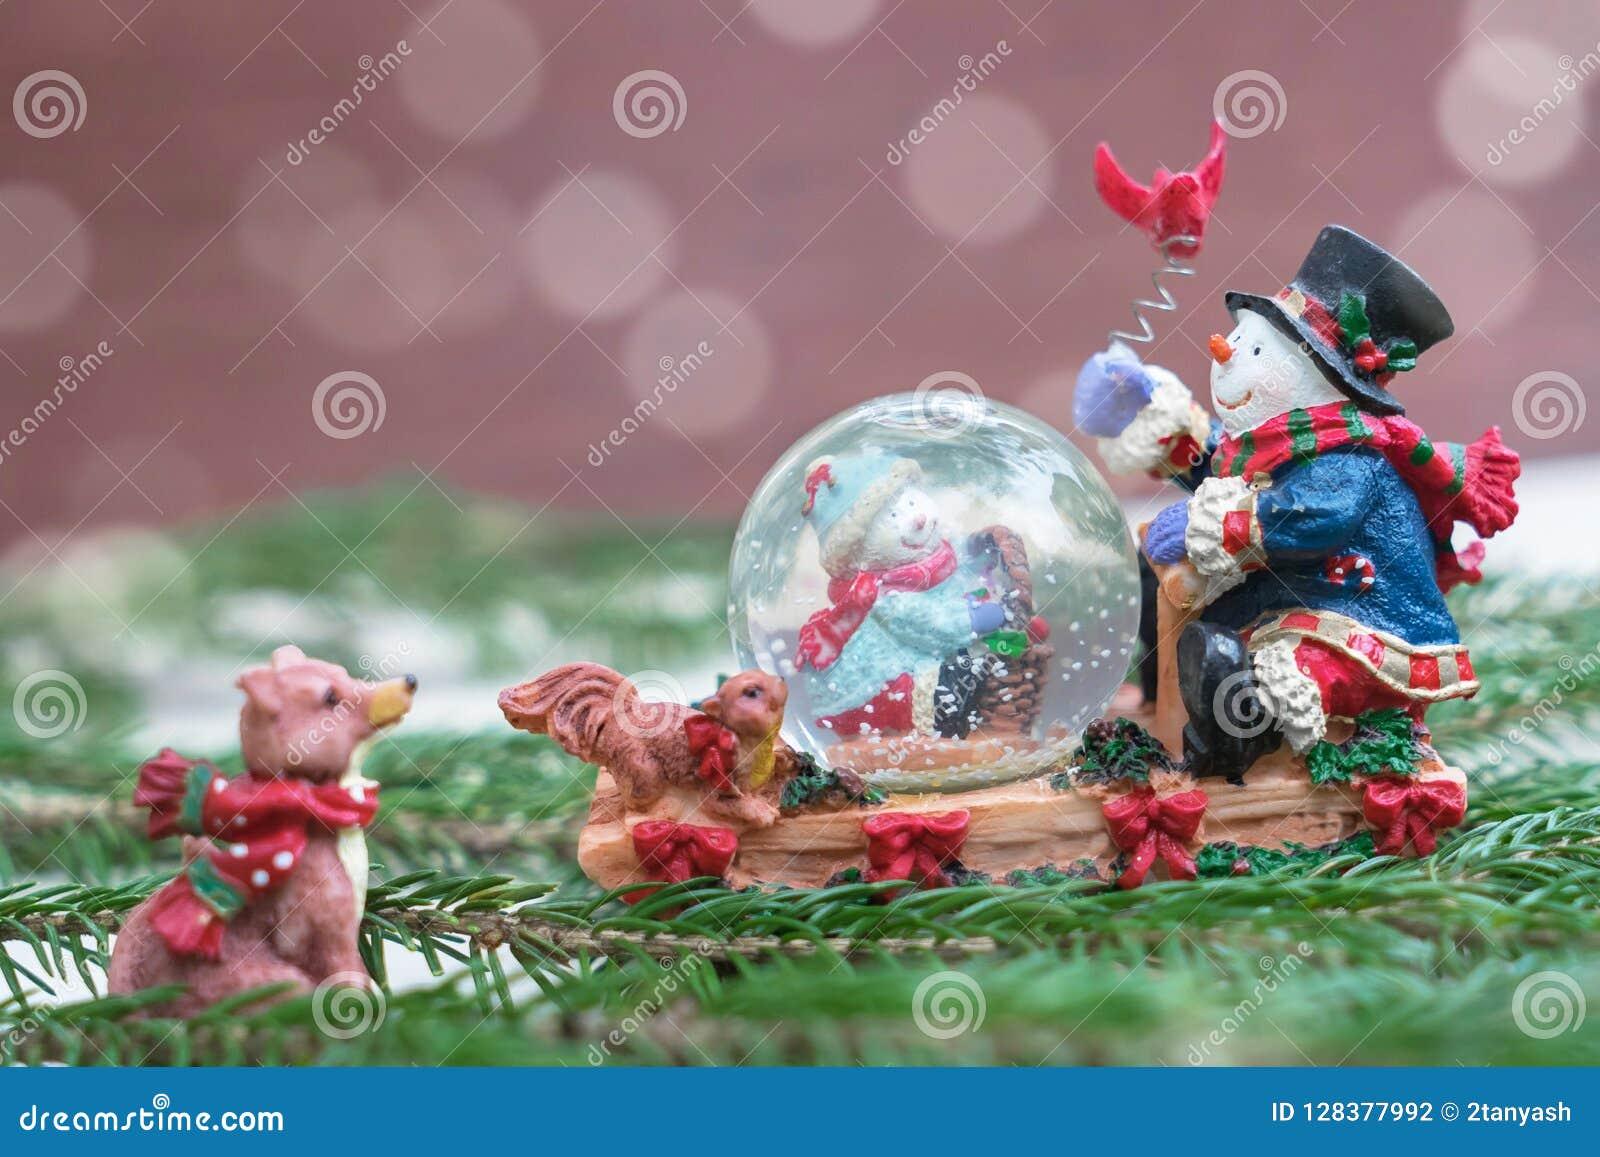 Weihnachtsschneekugel mit glücklichen Schneemännern